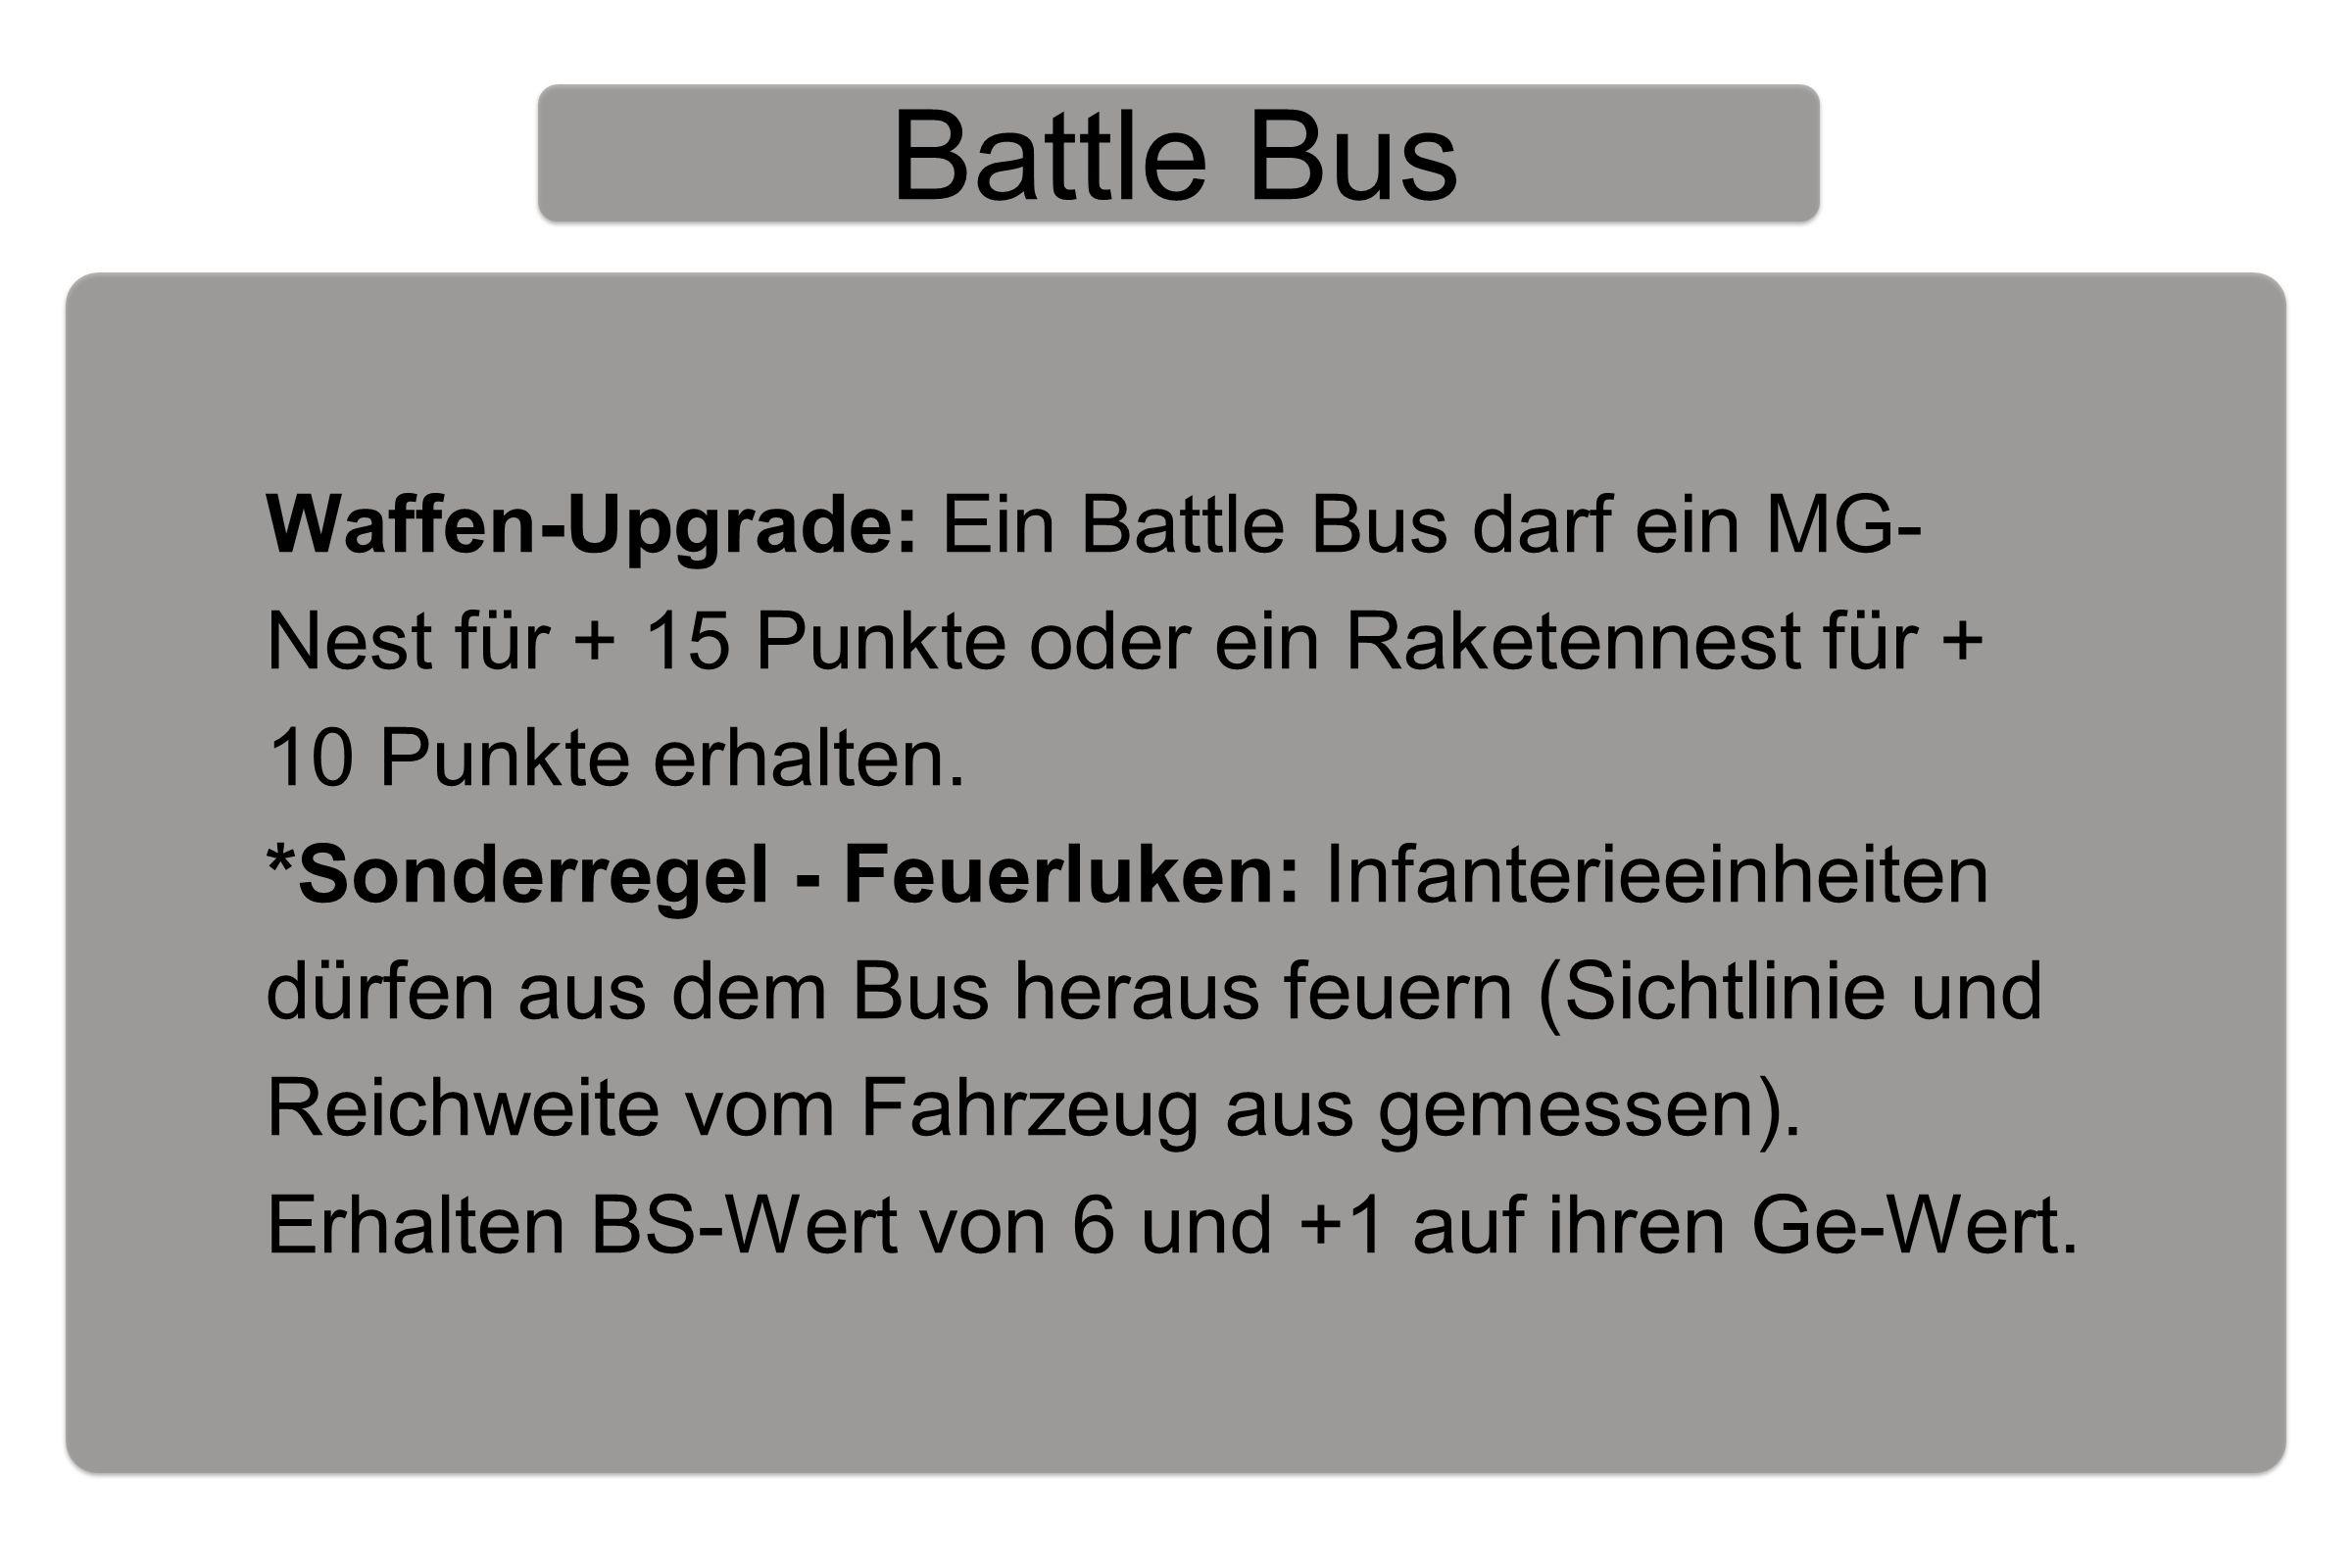 Battle Bus Waffen-Upgrade: Ein Battle Bus darf ein MG- Nest für + 15 Punkte oder ein Raketennest für + 10 Punkte erhalten.